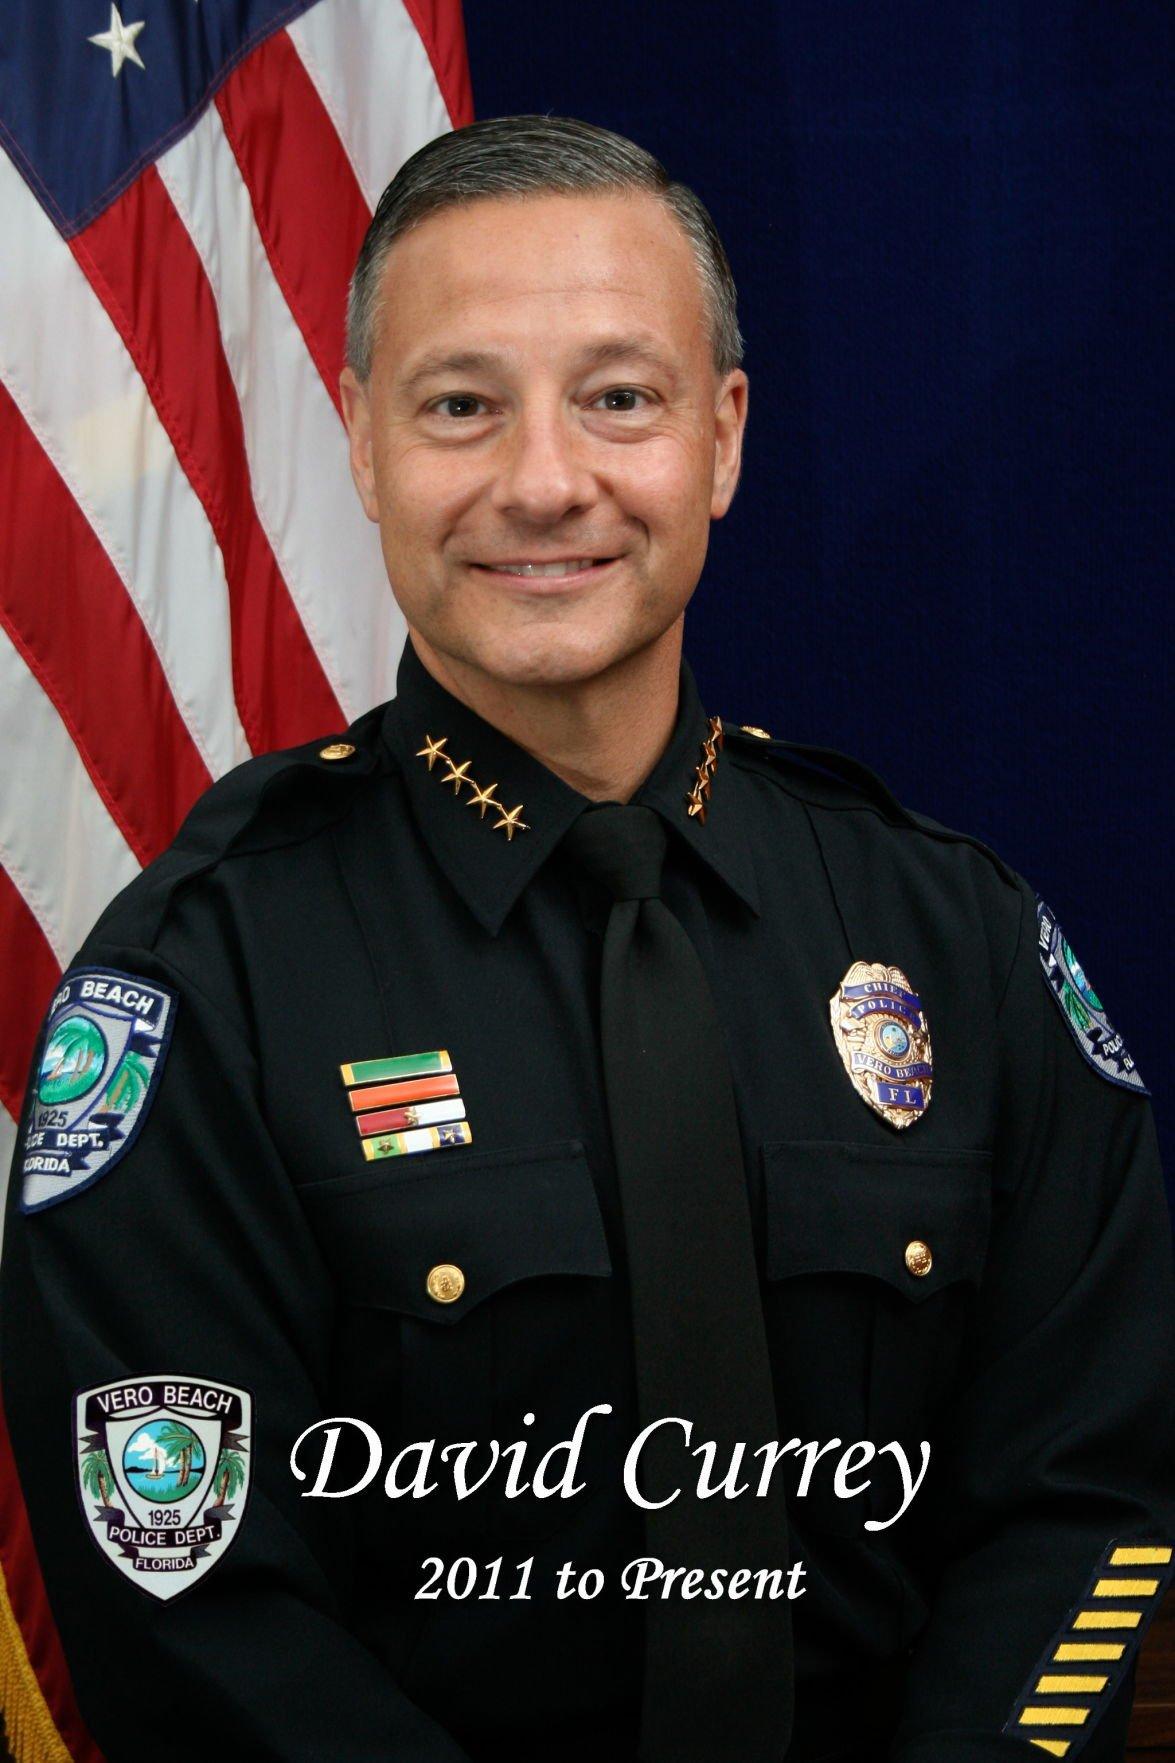 Vero Beach Police Chief David Currey